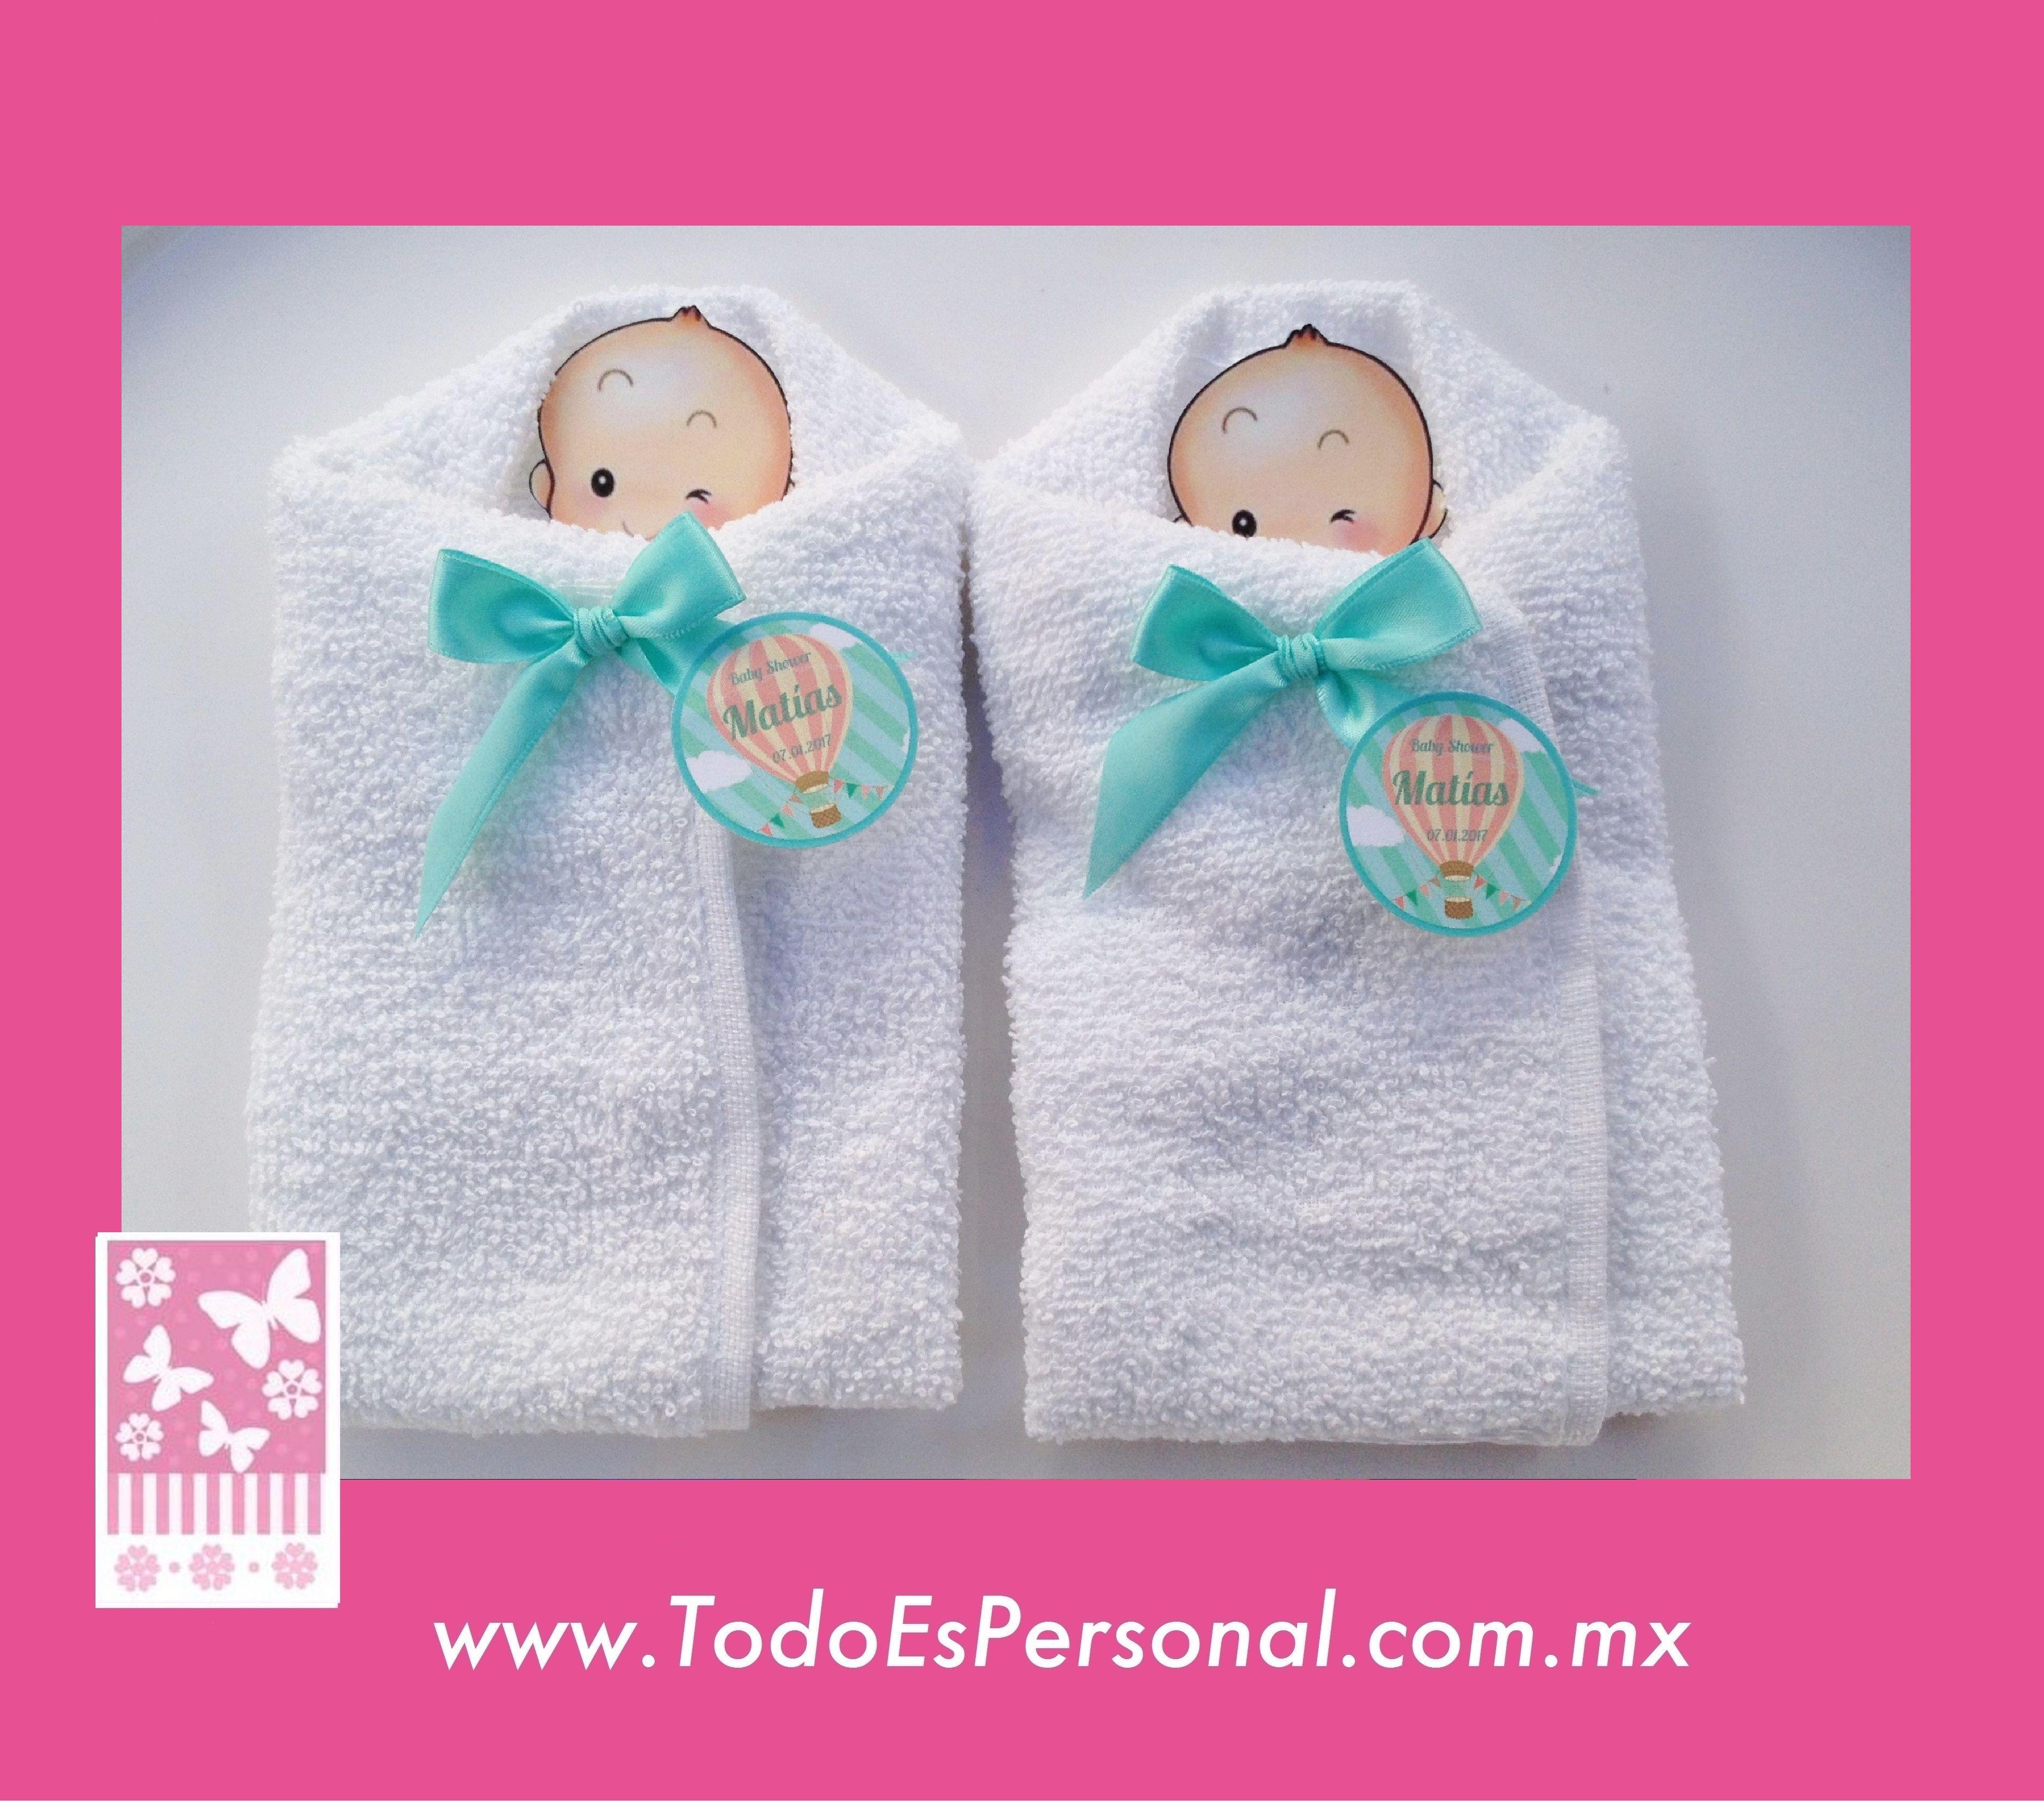 Beb s de toalla recuerdos para baby shower detalles para eventos recuerdos economicos - Detalles para baby shower ...